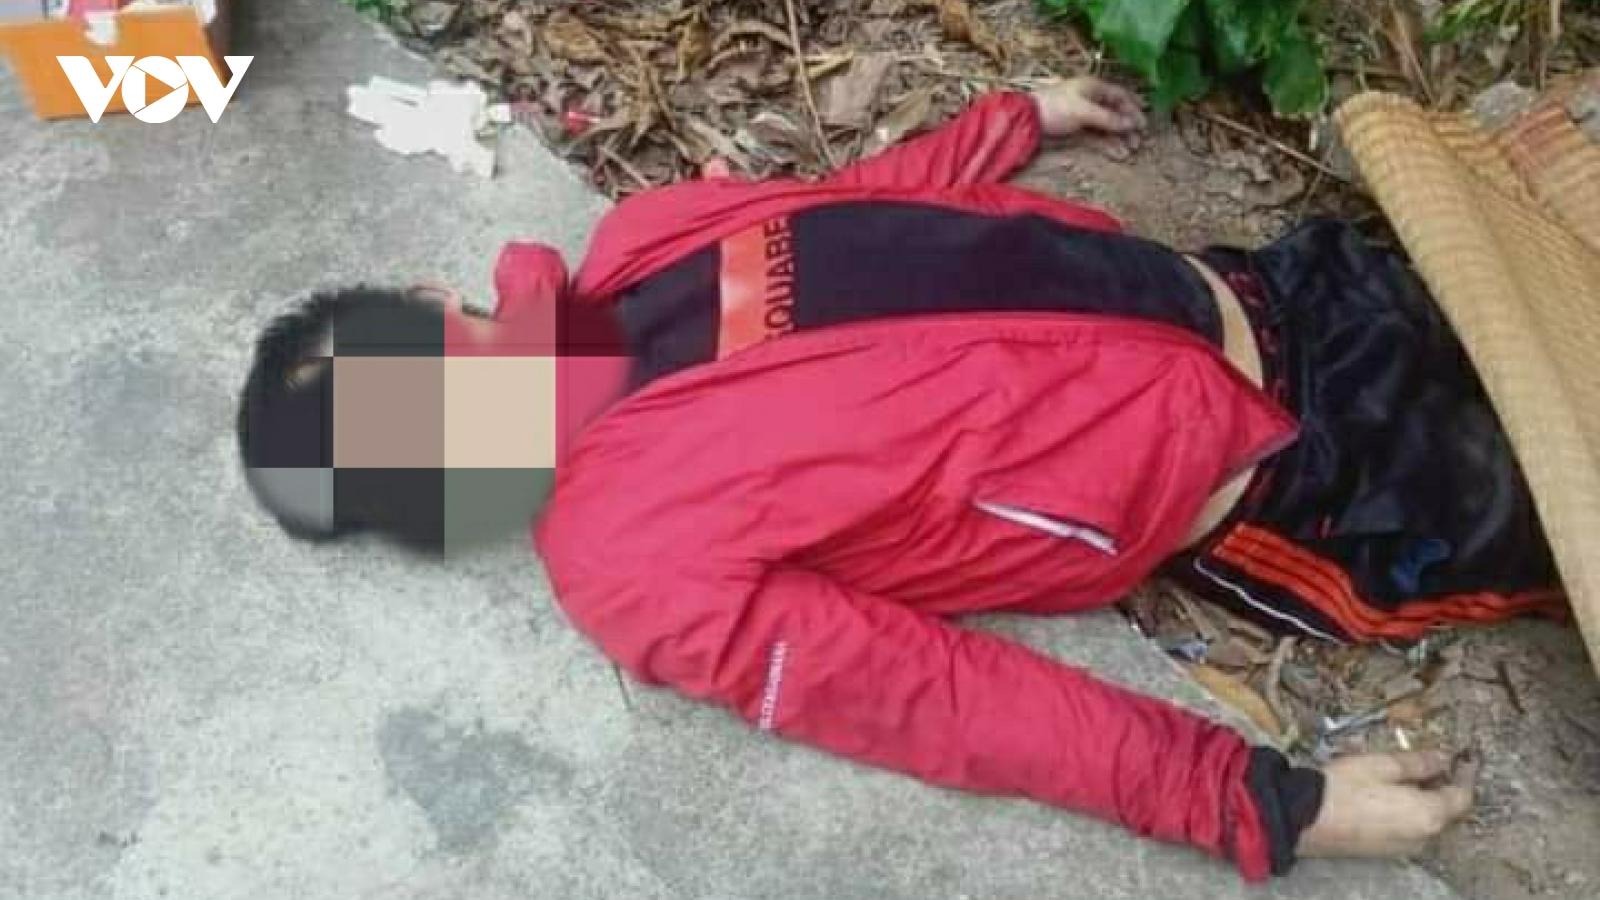 Nam thanh niên tử vong bên lề đường, nghi do sốc ma túy